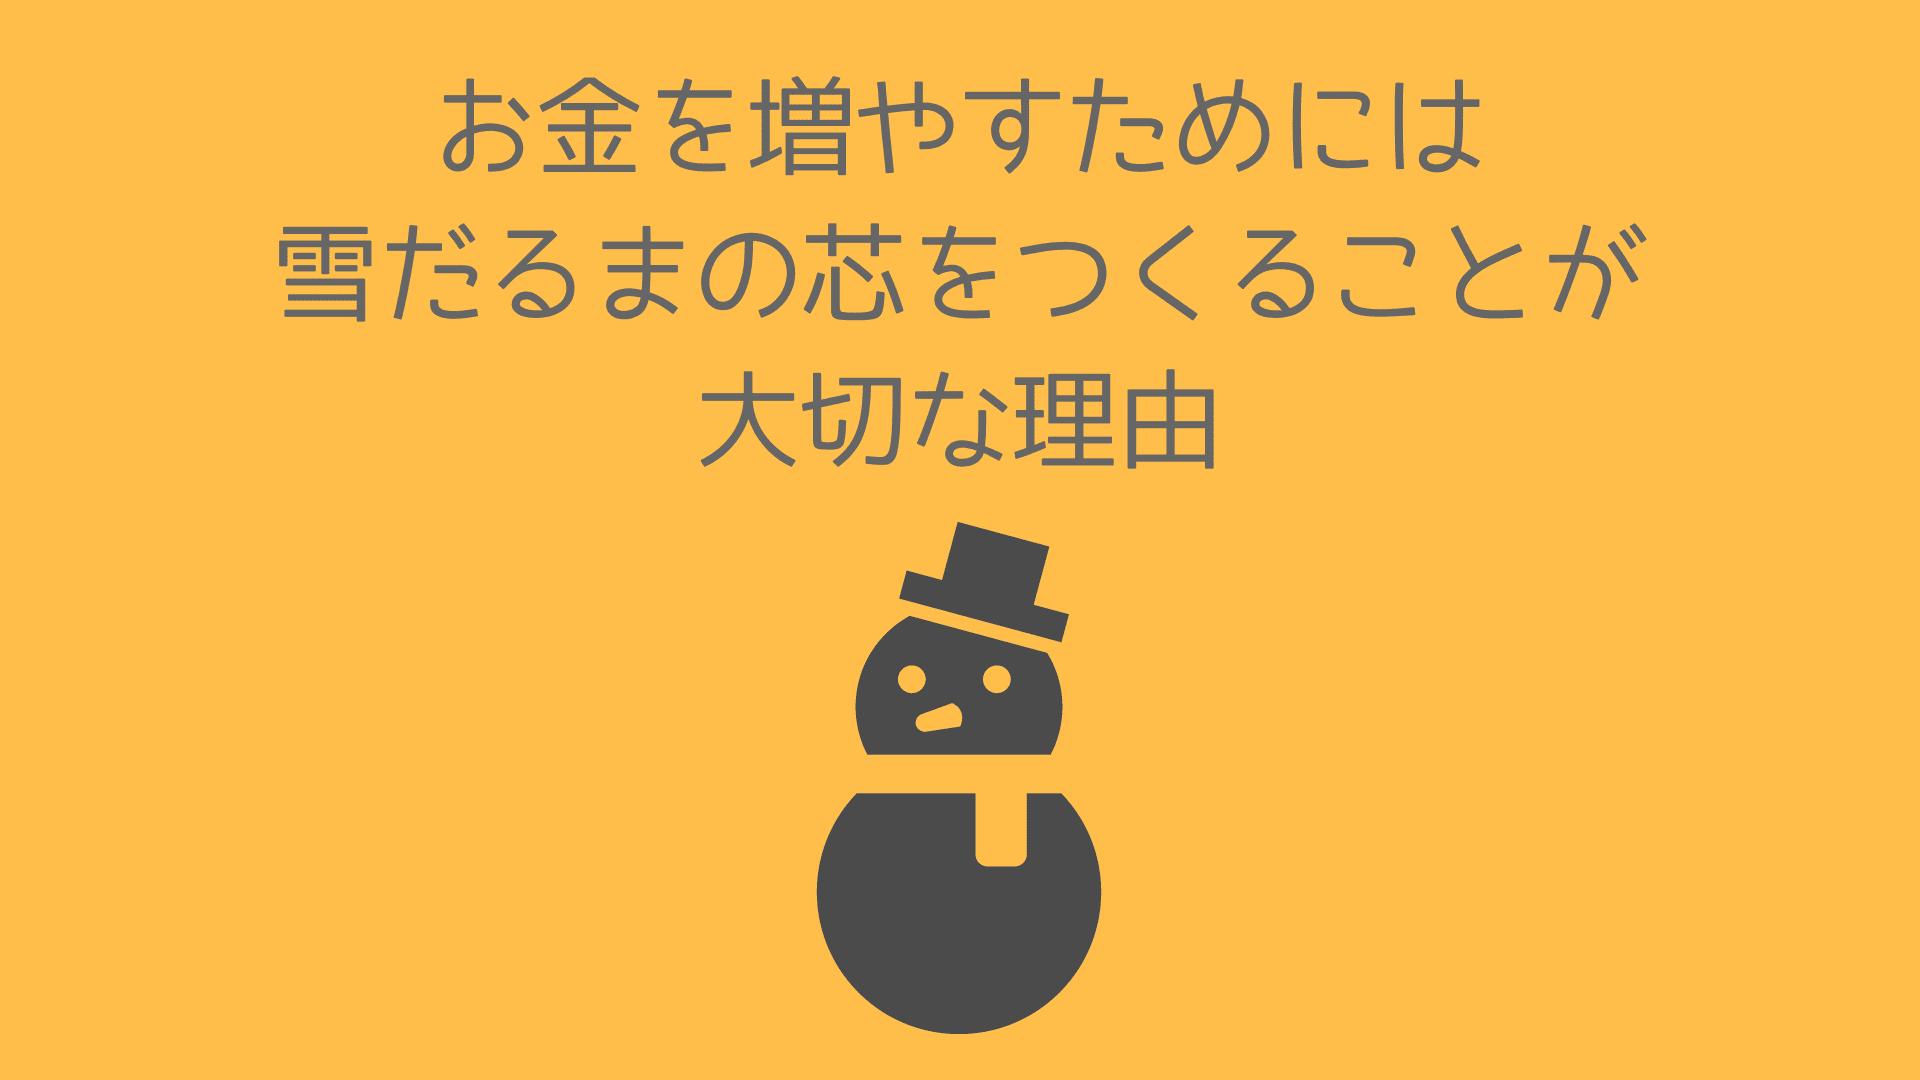 お金を増やすためには雪だるまの芯を作ることが大切な理由